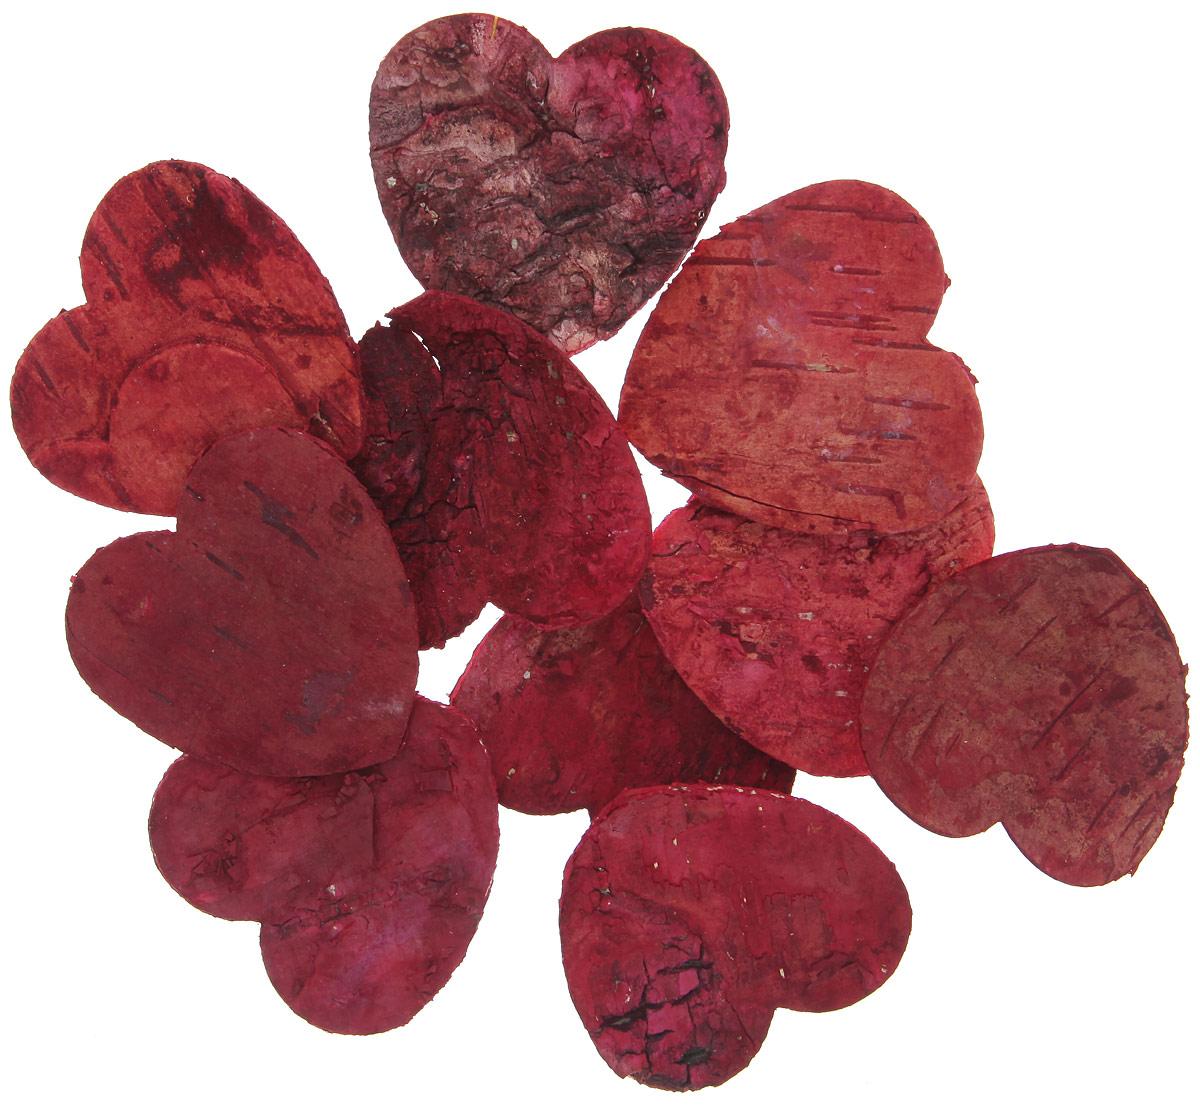 Декоративный элемент Dongjiang Art Сердце, цвет: красный, 10 шт7709004_красныйДекоративный элемент Dongjiang Art Сердце, изготовленный из натуральной коры дерева, предназначен для украшения цветочных композиций. Изделие можно также использовать в технике скрапбукинг и многом другом. Флористика - вид декоративно-прикладного искусства, который использует живые, засушенные или консервированные природные материалы для создания флористических работ. Это целый мир, в котором есть место и строгому математическому расчету, и вдохновению. Размер одного элемента: 5 см х 5 см.